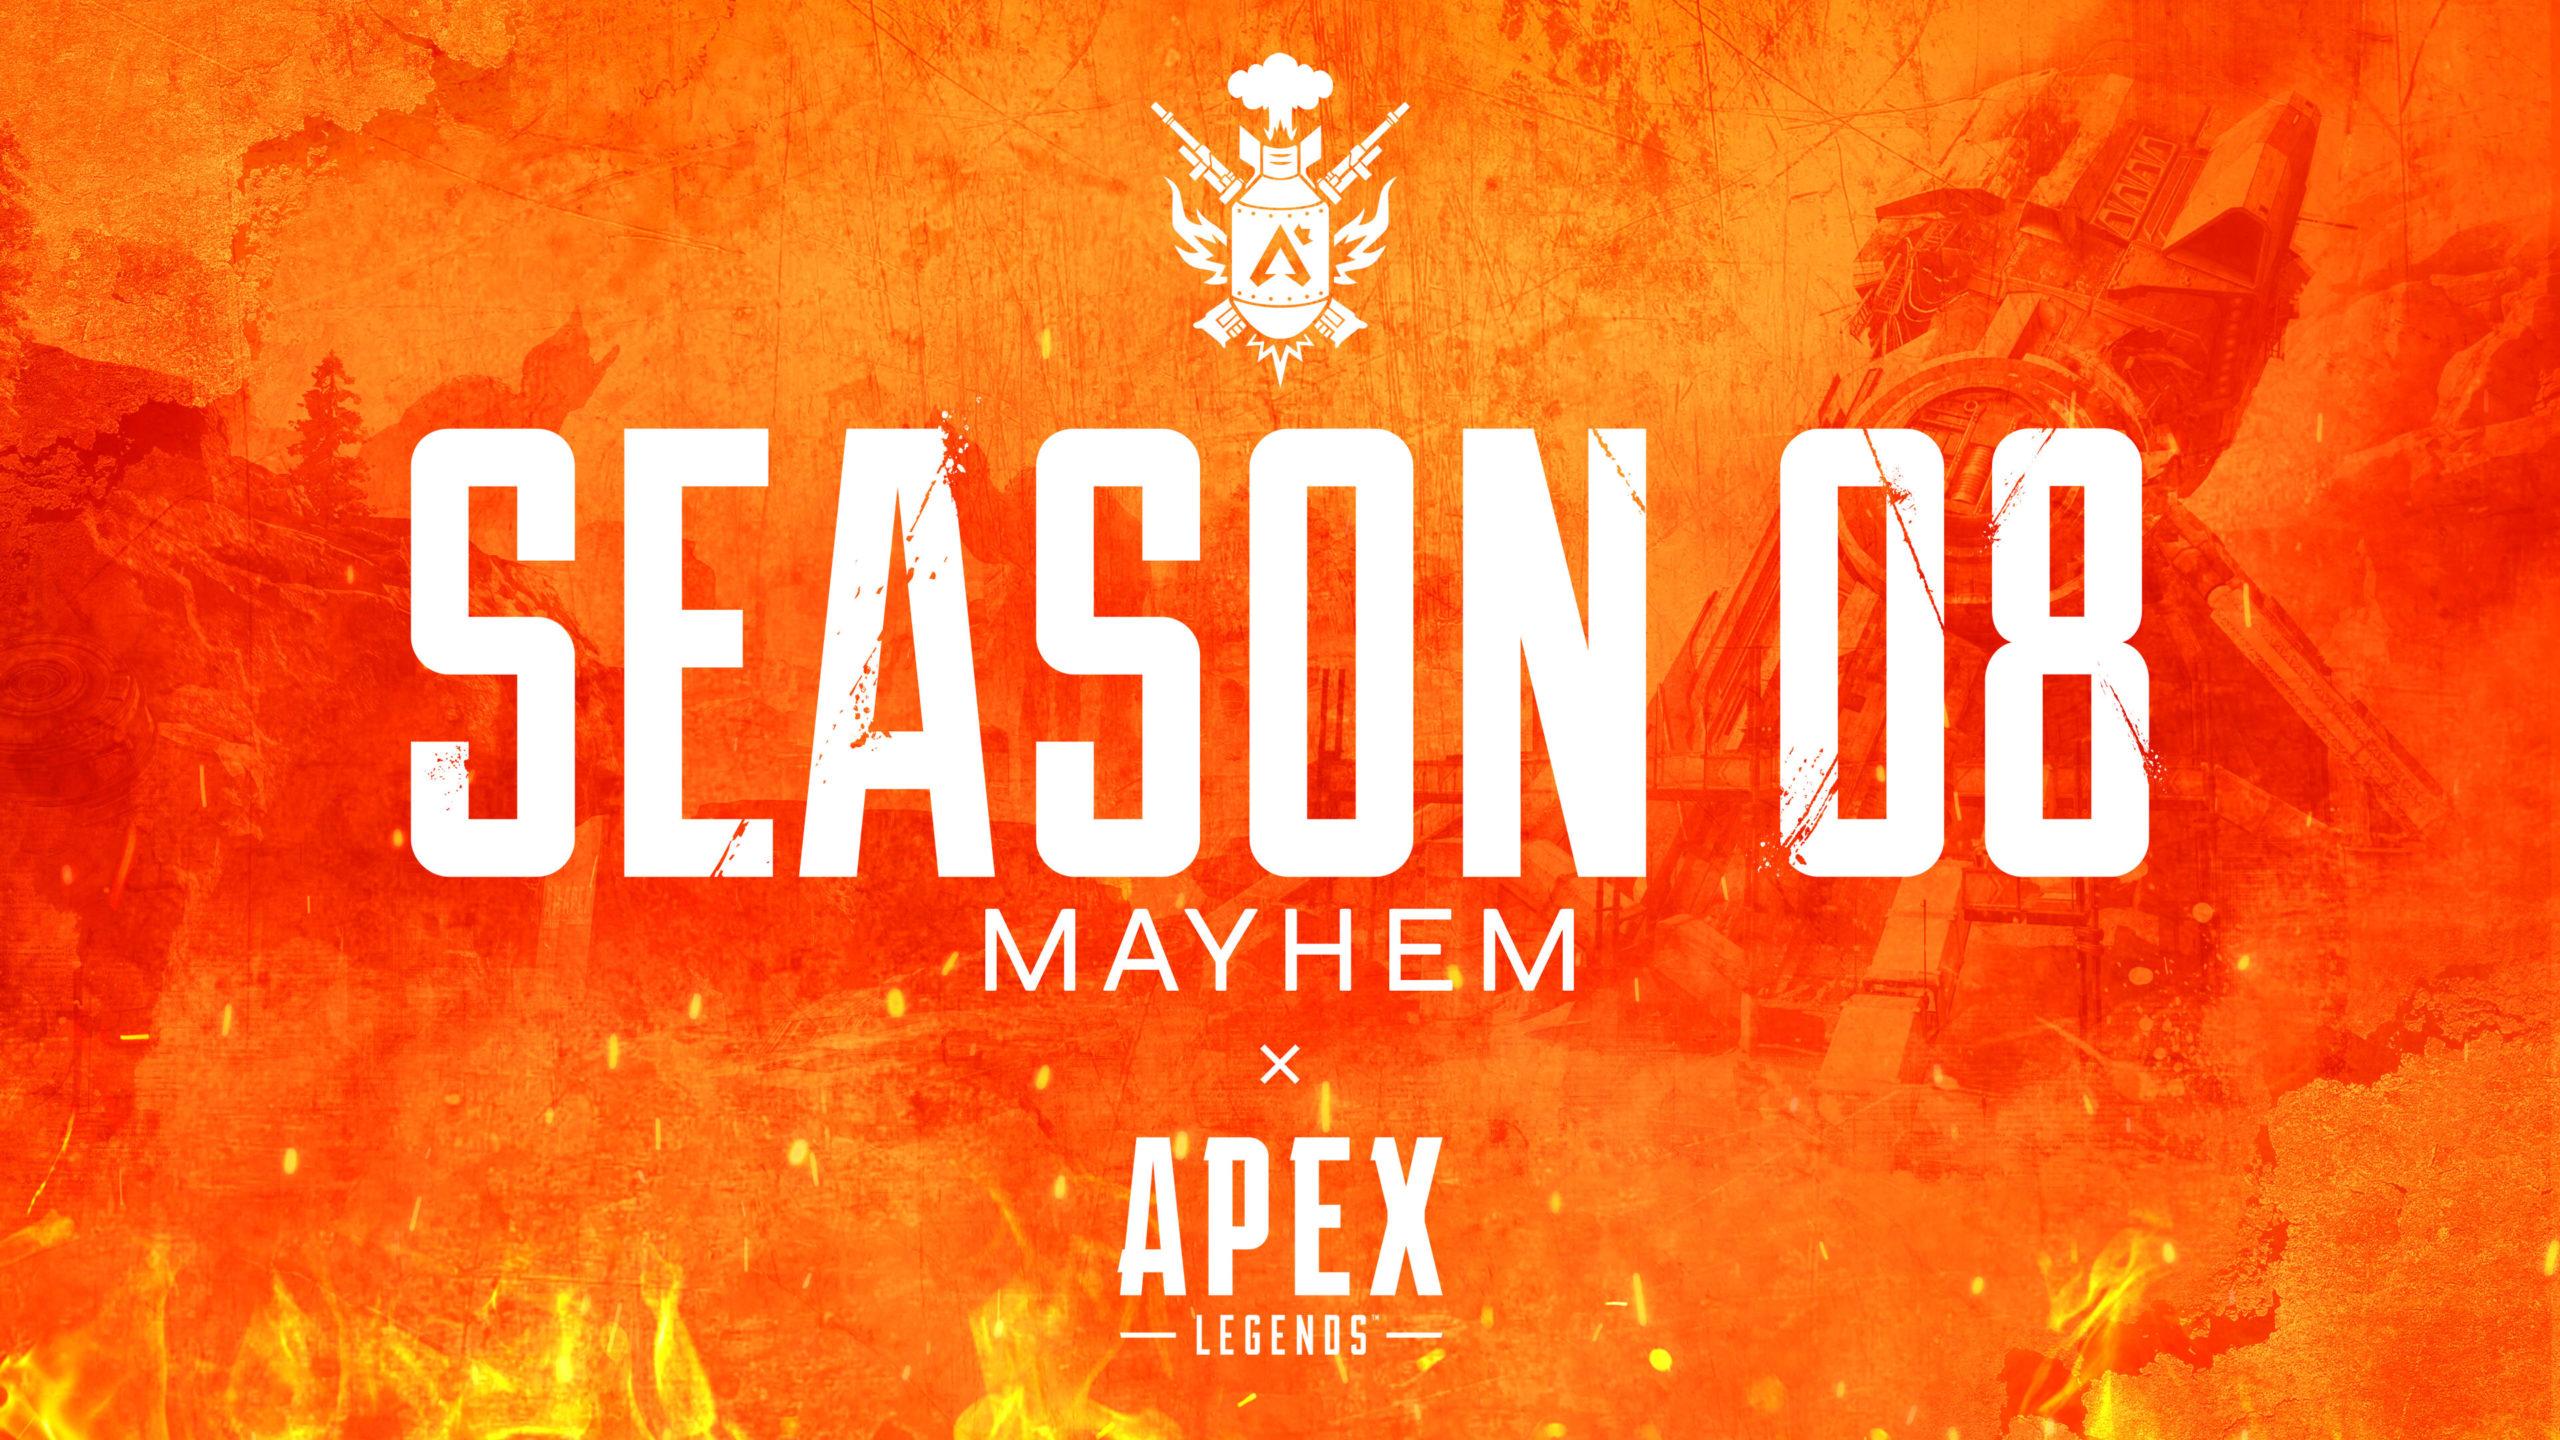 【Apex Legends】シーズン8 はいつから?【エーペックスレジェンズ】